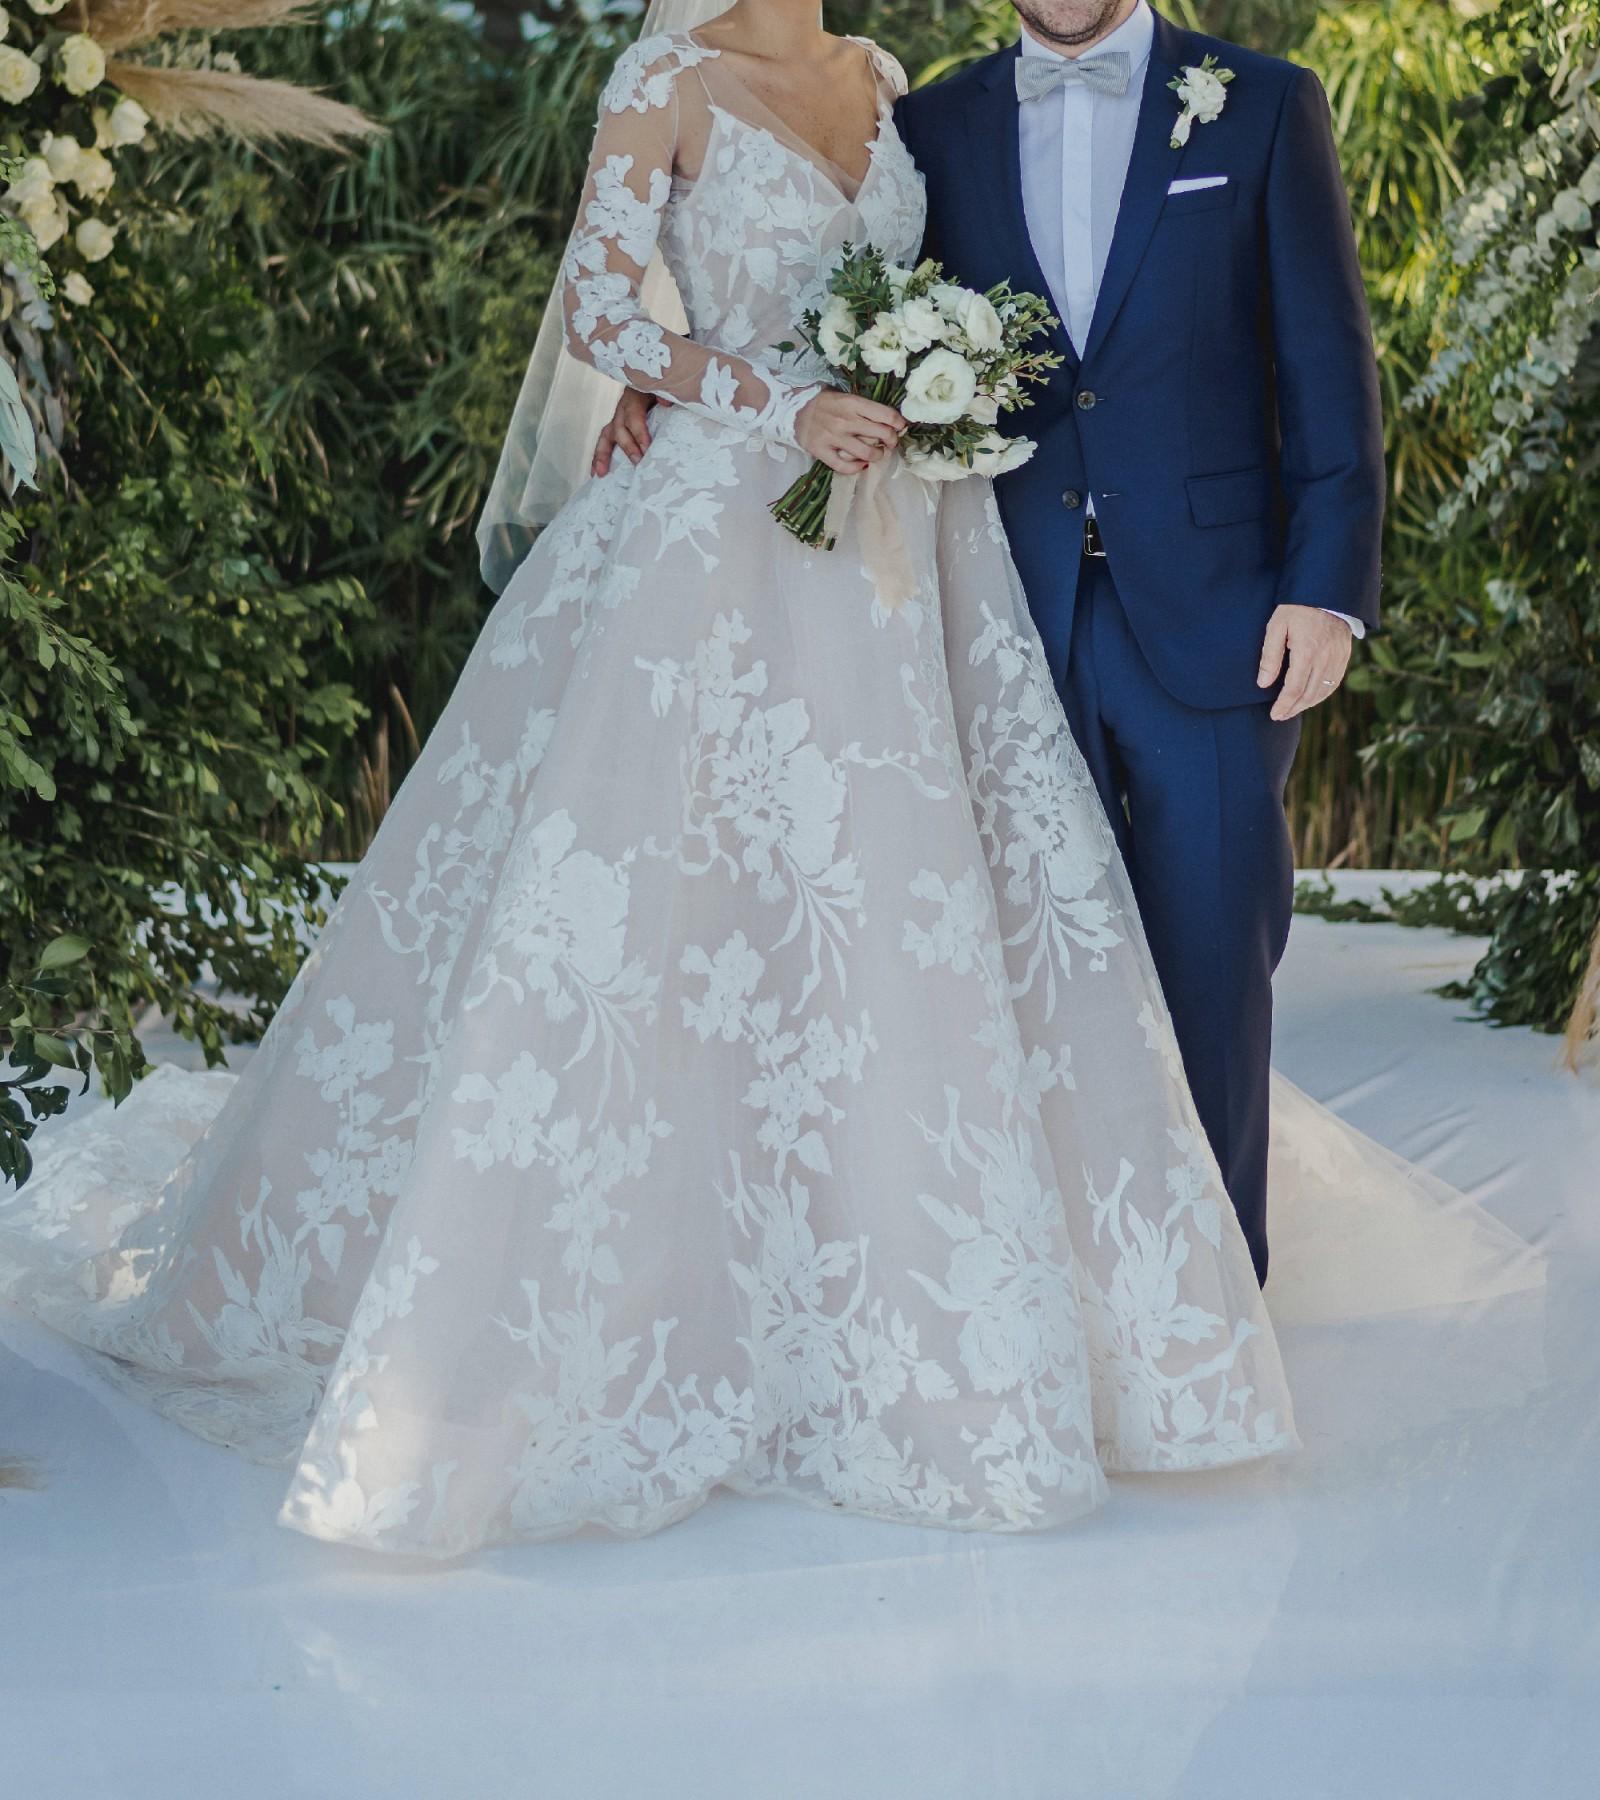 Monique Lhuillier Maeve Lace Dress Wedding On 48 Off